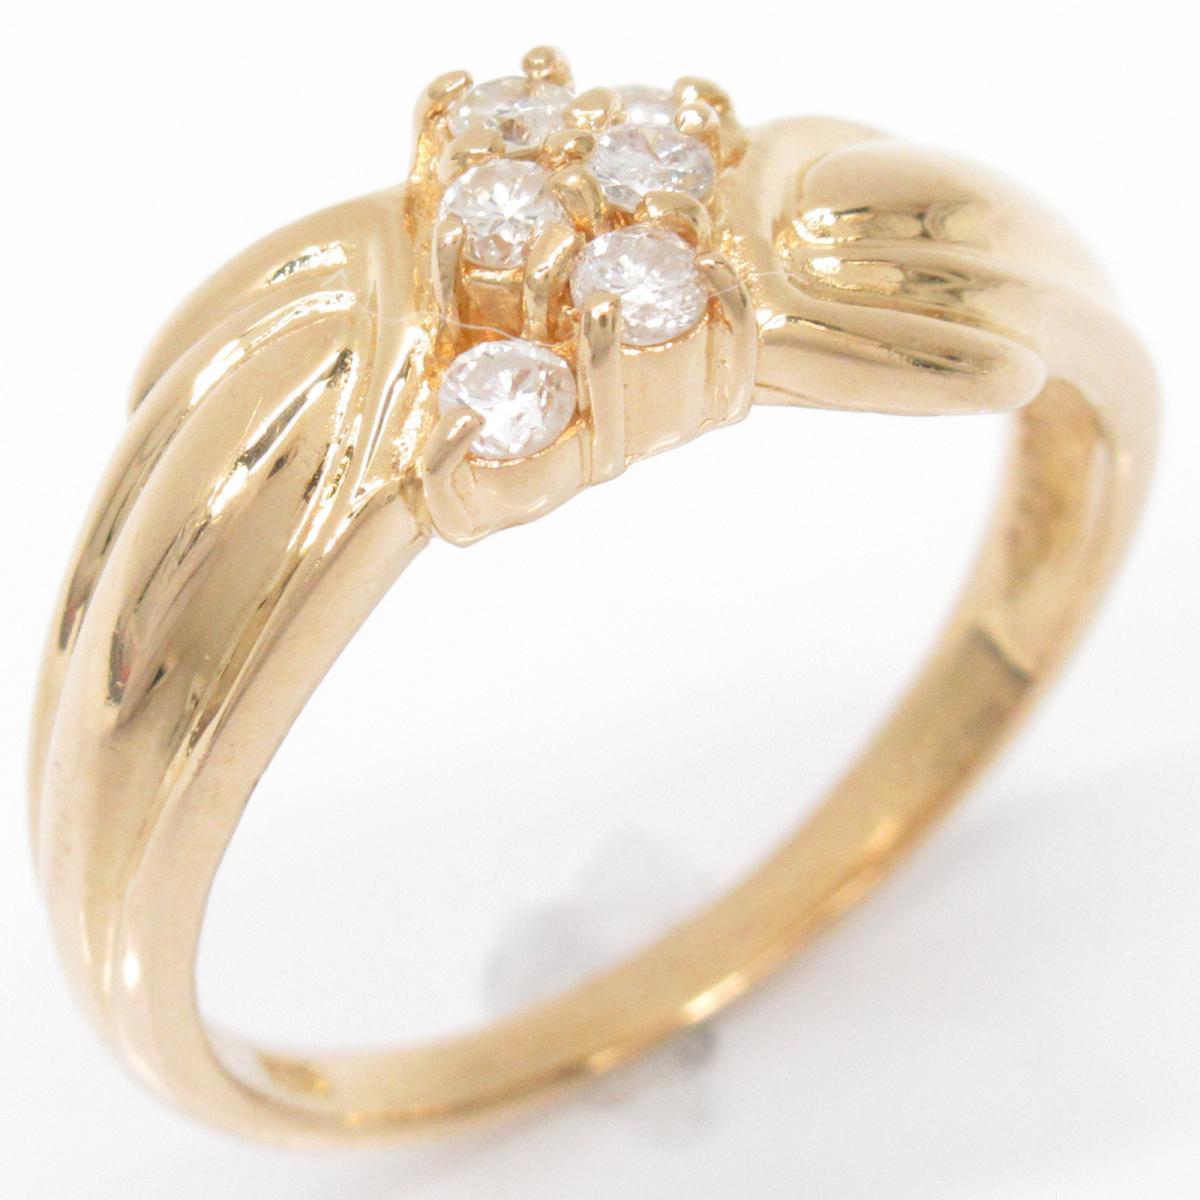 【中古】 ジュエリー ダイヤモンド リング 指輪 レディース K18YG (750) イエローゴールドxダイヤモンド0.173ct ゴールド | JEWELRY BRANDOFF ブランドオフ ブランド アクセサリー